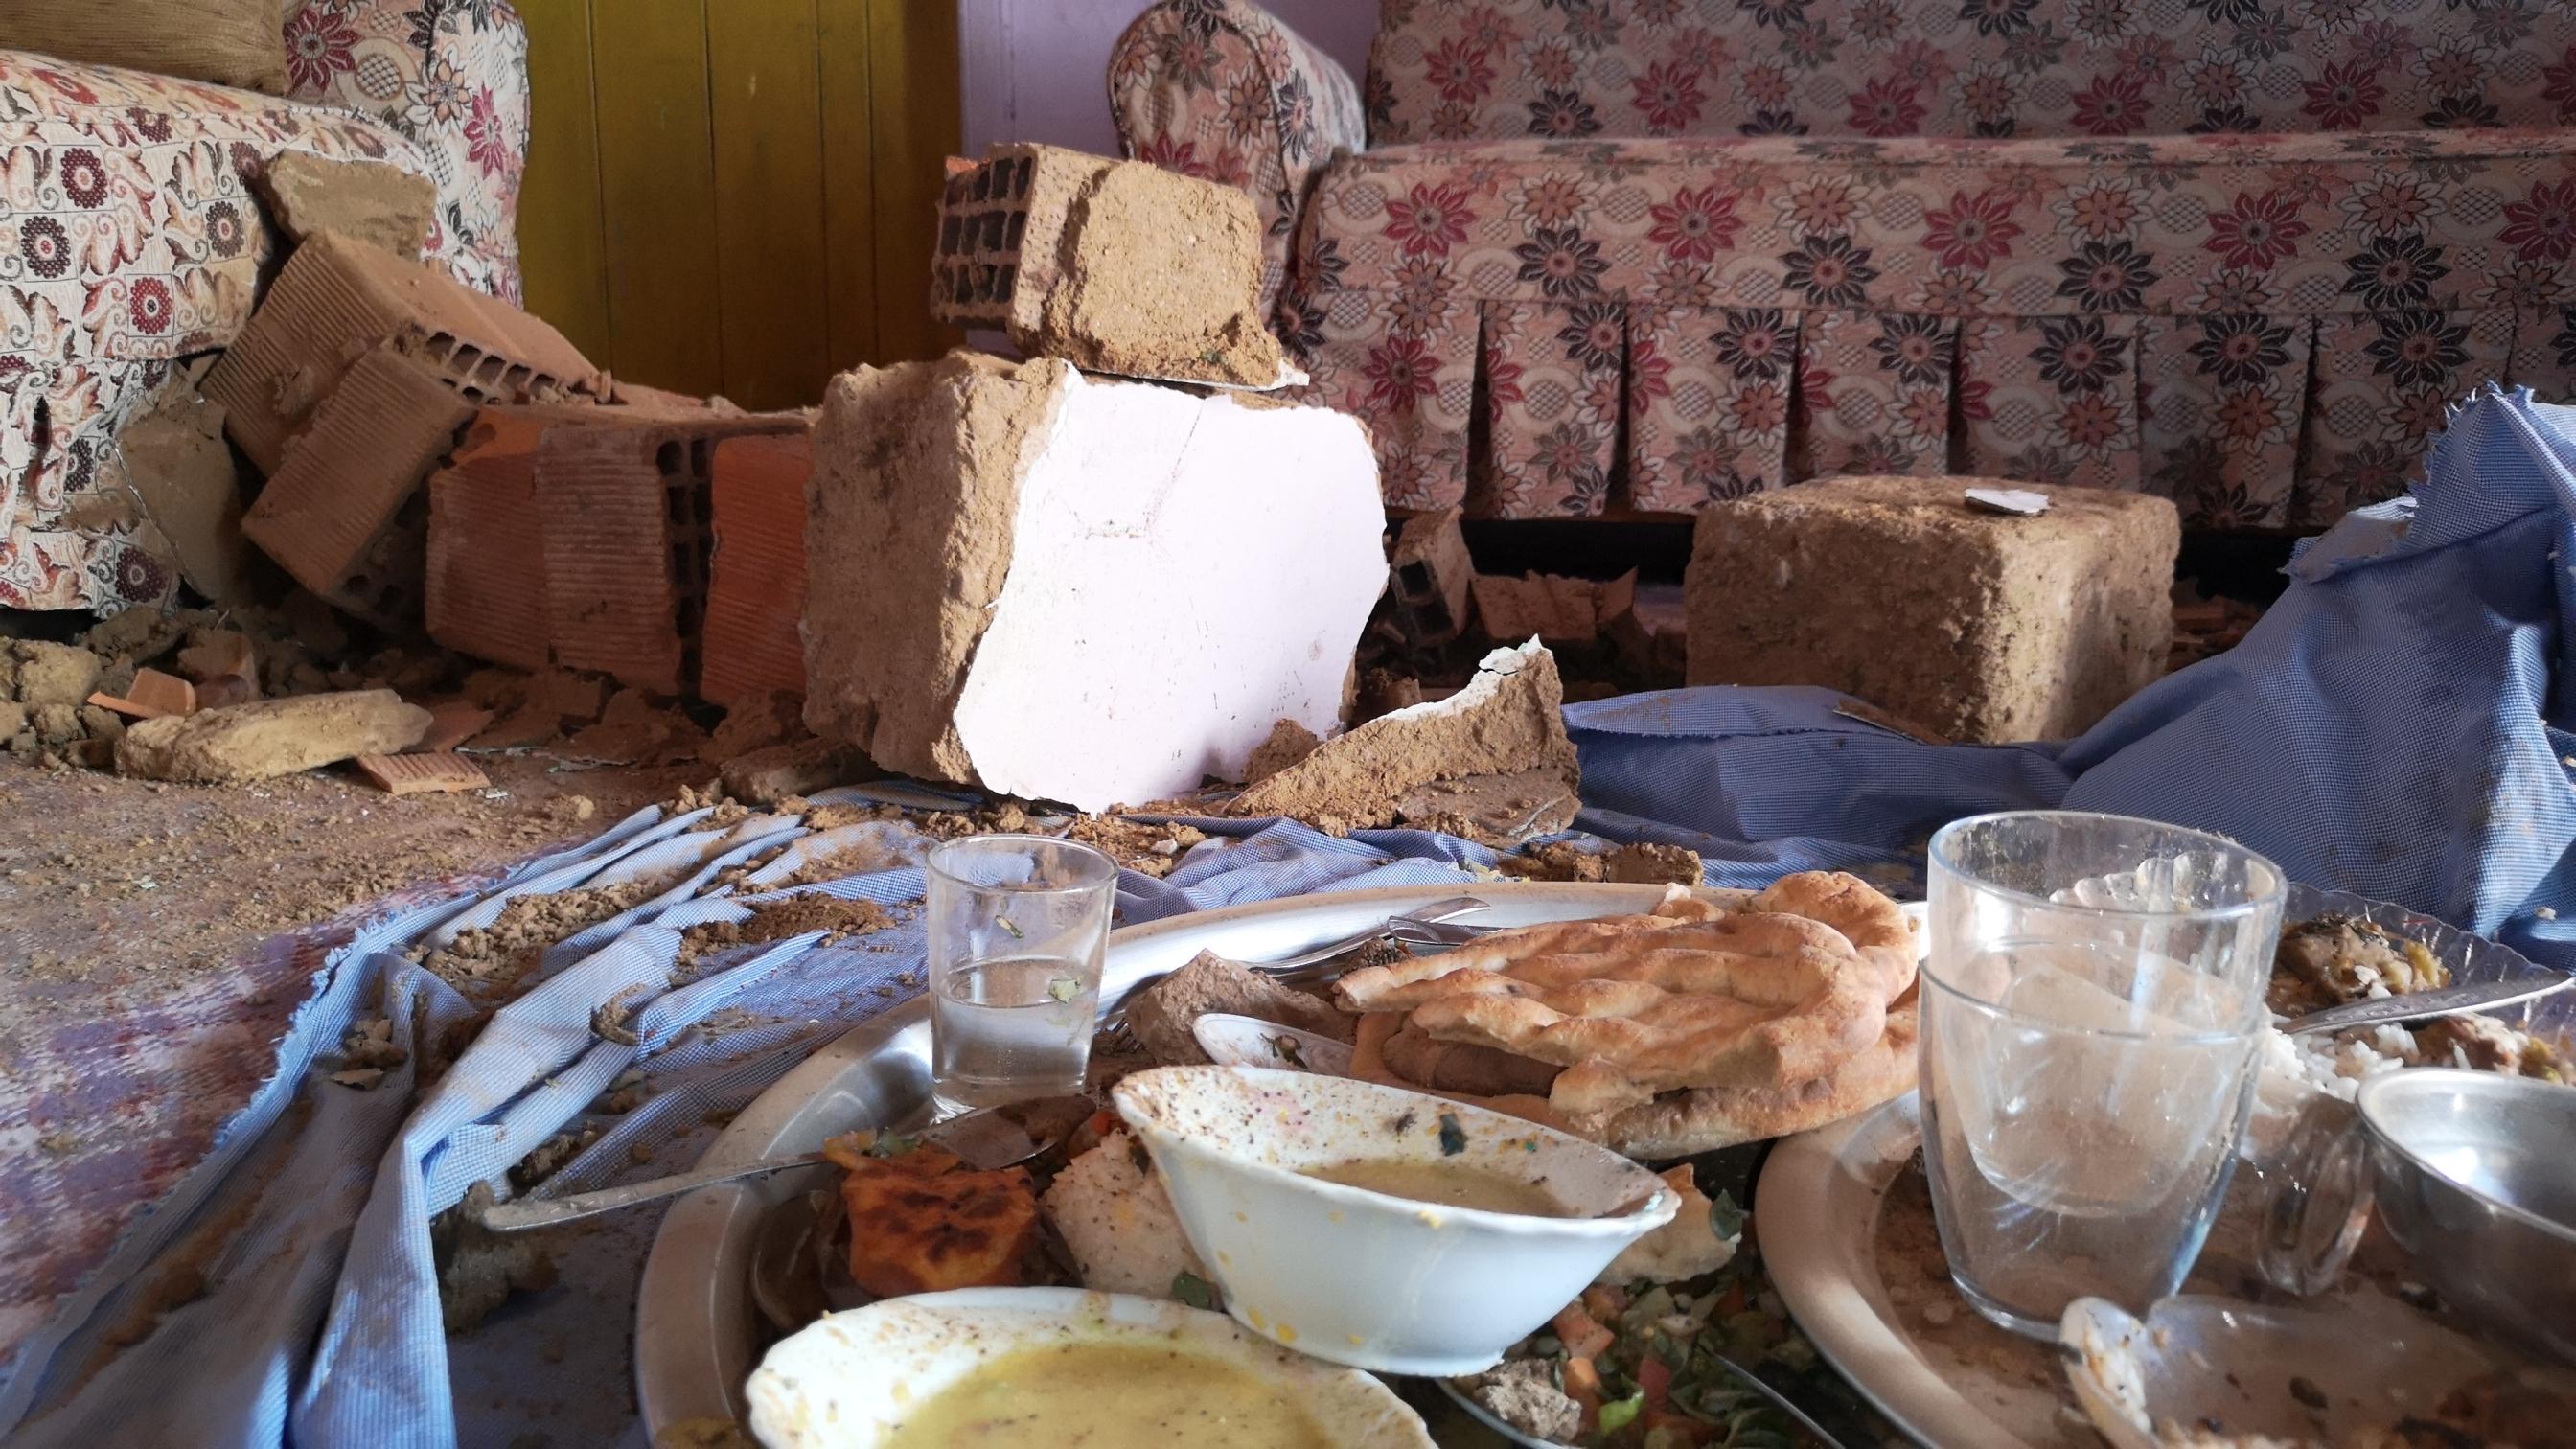 5-2lik-depremden-sonra-malatyada-derin-yariklar-olustu-6885-dhaphoto8.jpg